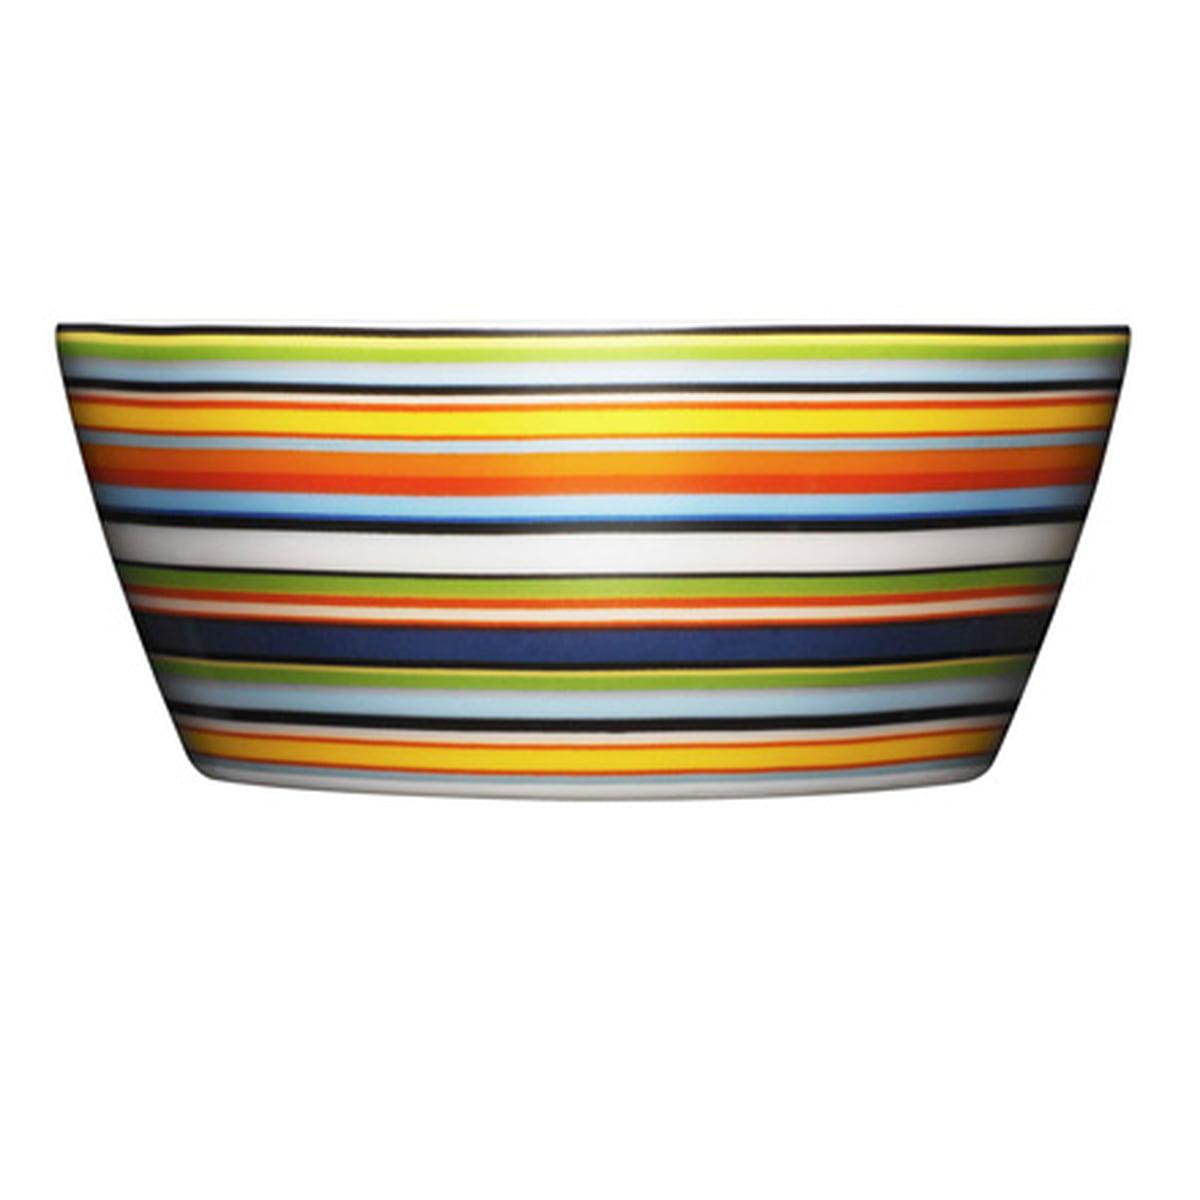 Iittala - Origo Teller Ø 20 cm| orange | Küche und Esszimmer > Besteck und Geschirr > Geschirr | Iittala